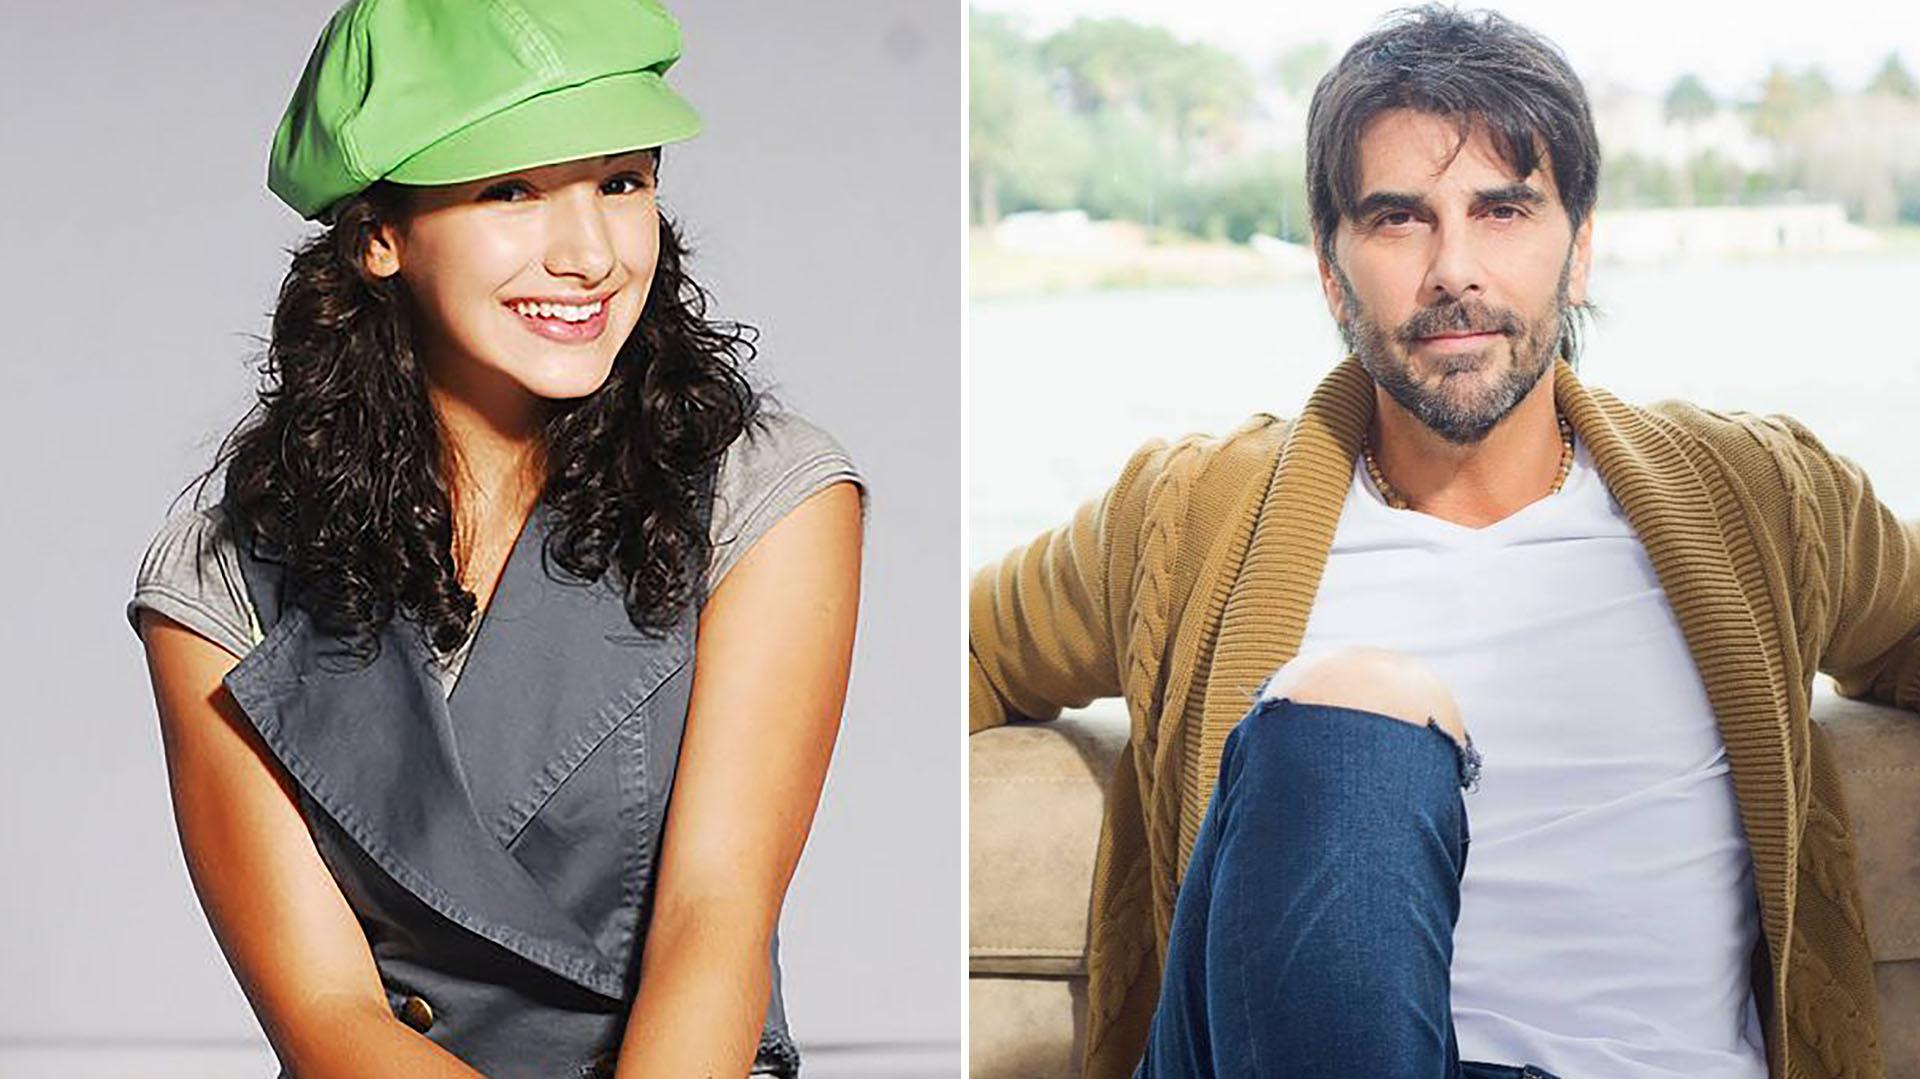 La actriz argentina Thelma Fardin denunció que fue abusada sexualmente por el actor Juan Darthés